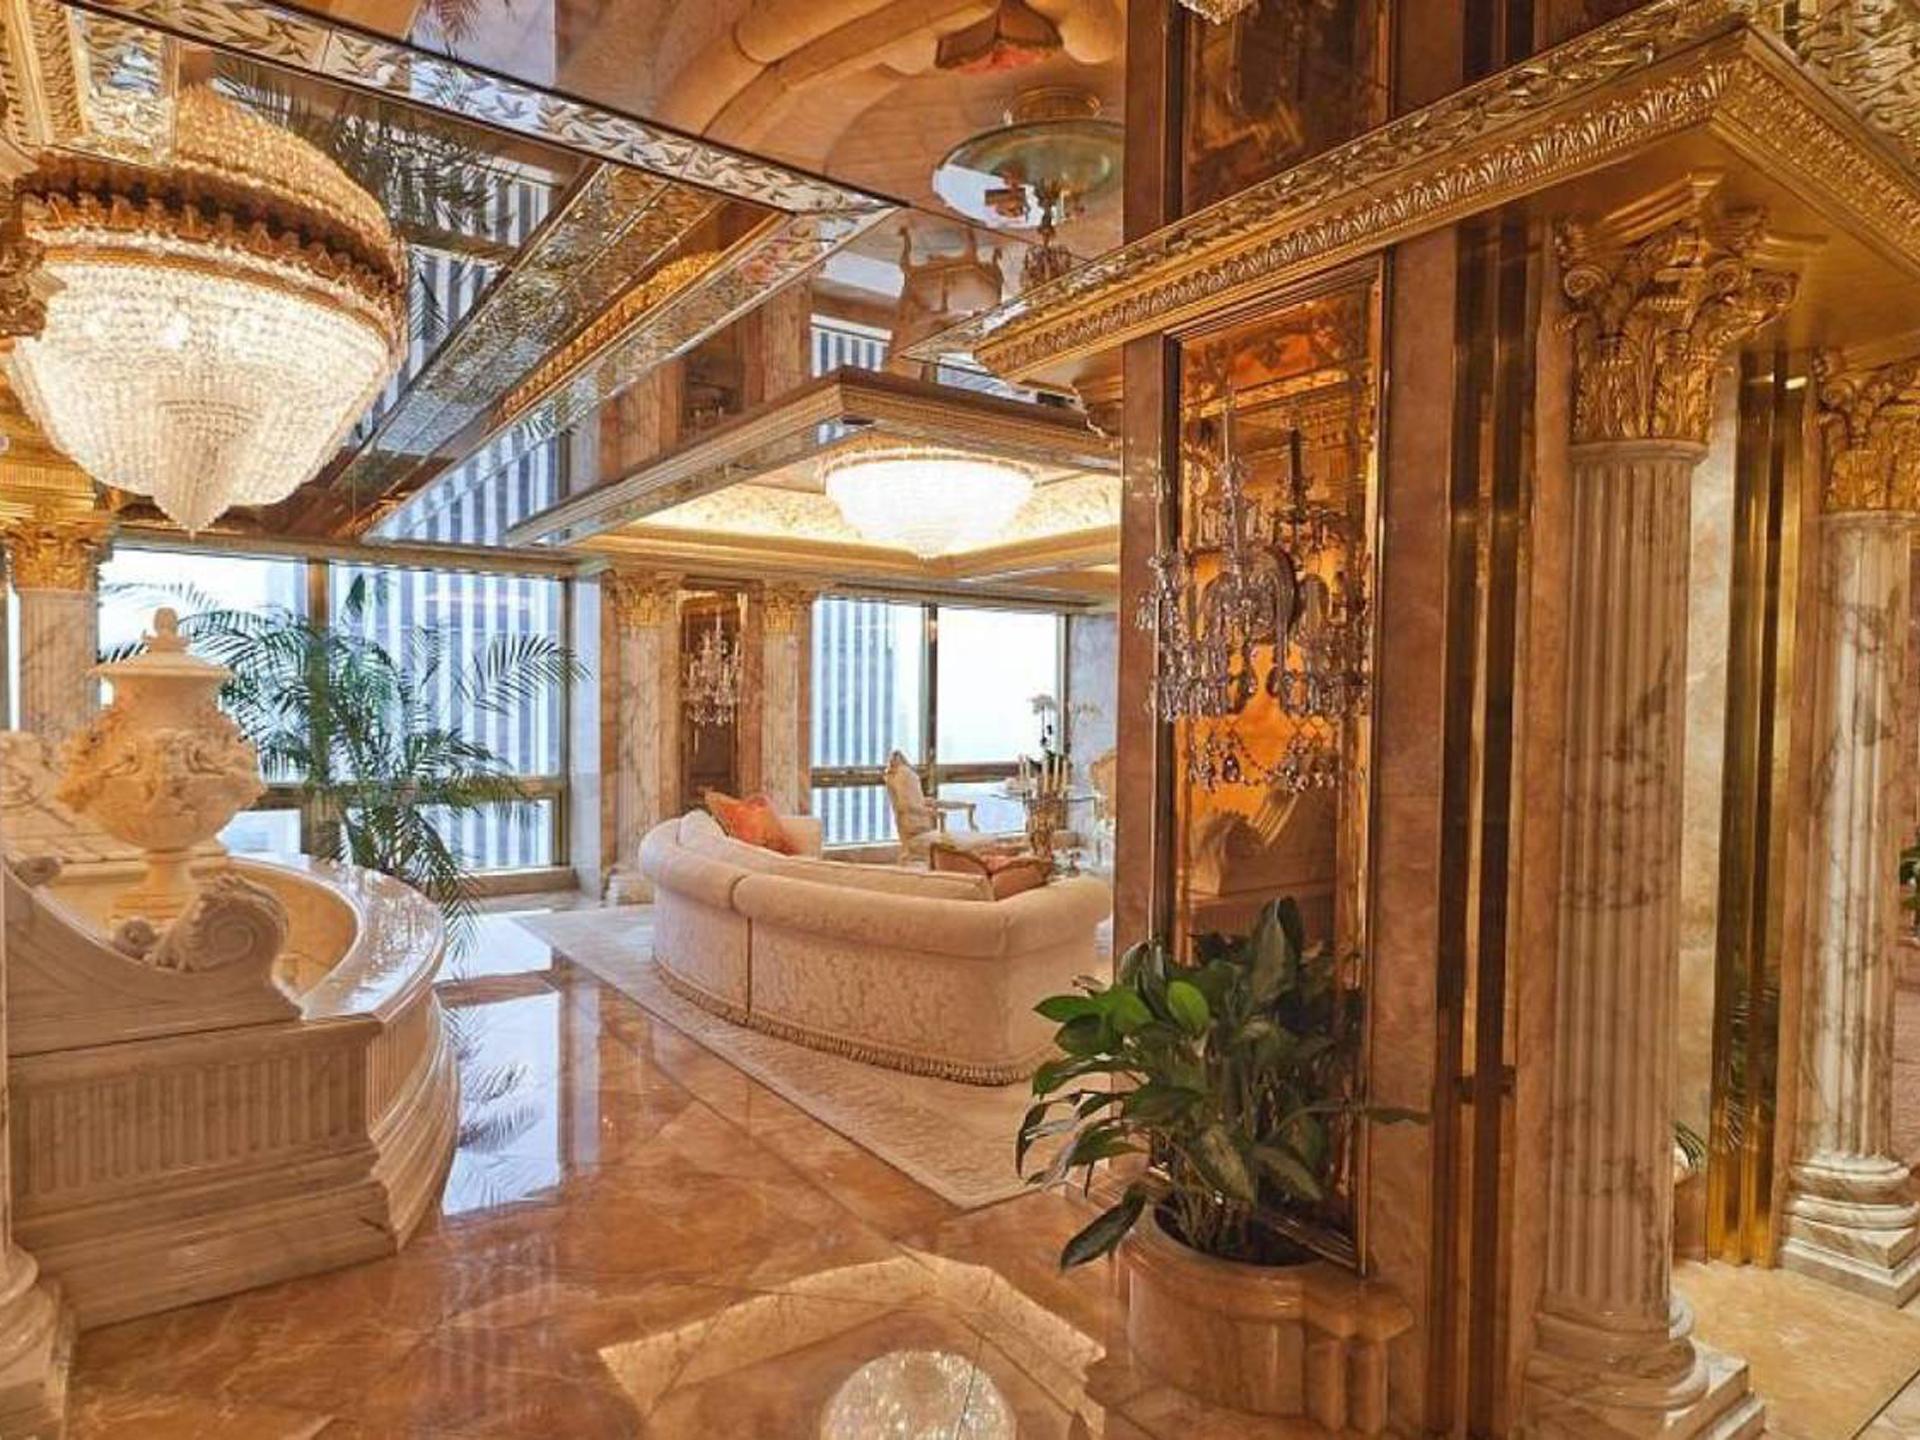 El penthouse privado de Trump, de más de 100 millones de dólares, en la Torre que lleva su nombre, donde vive con su esposa y su hijo de diez años, Barron. Ubicado en la planta 66 del edificio, tiene vista directa al Central Park y su decoración está inspirada en el Palacio de Versalles. Las lámparas están fabricadas con oro de 24 kilates ( Sam Horine – Vanitatis)